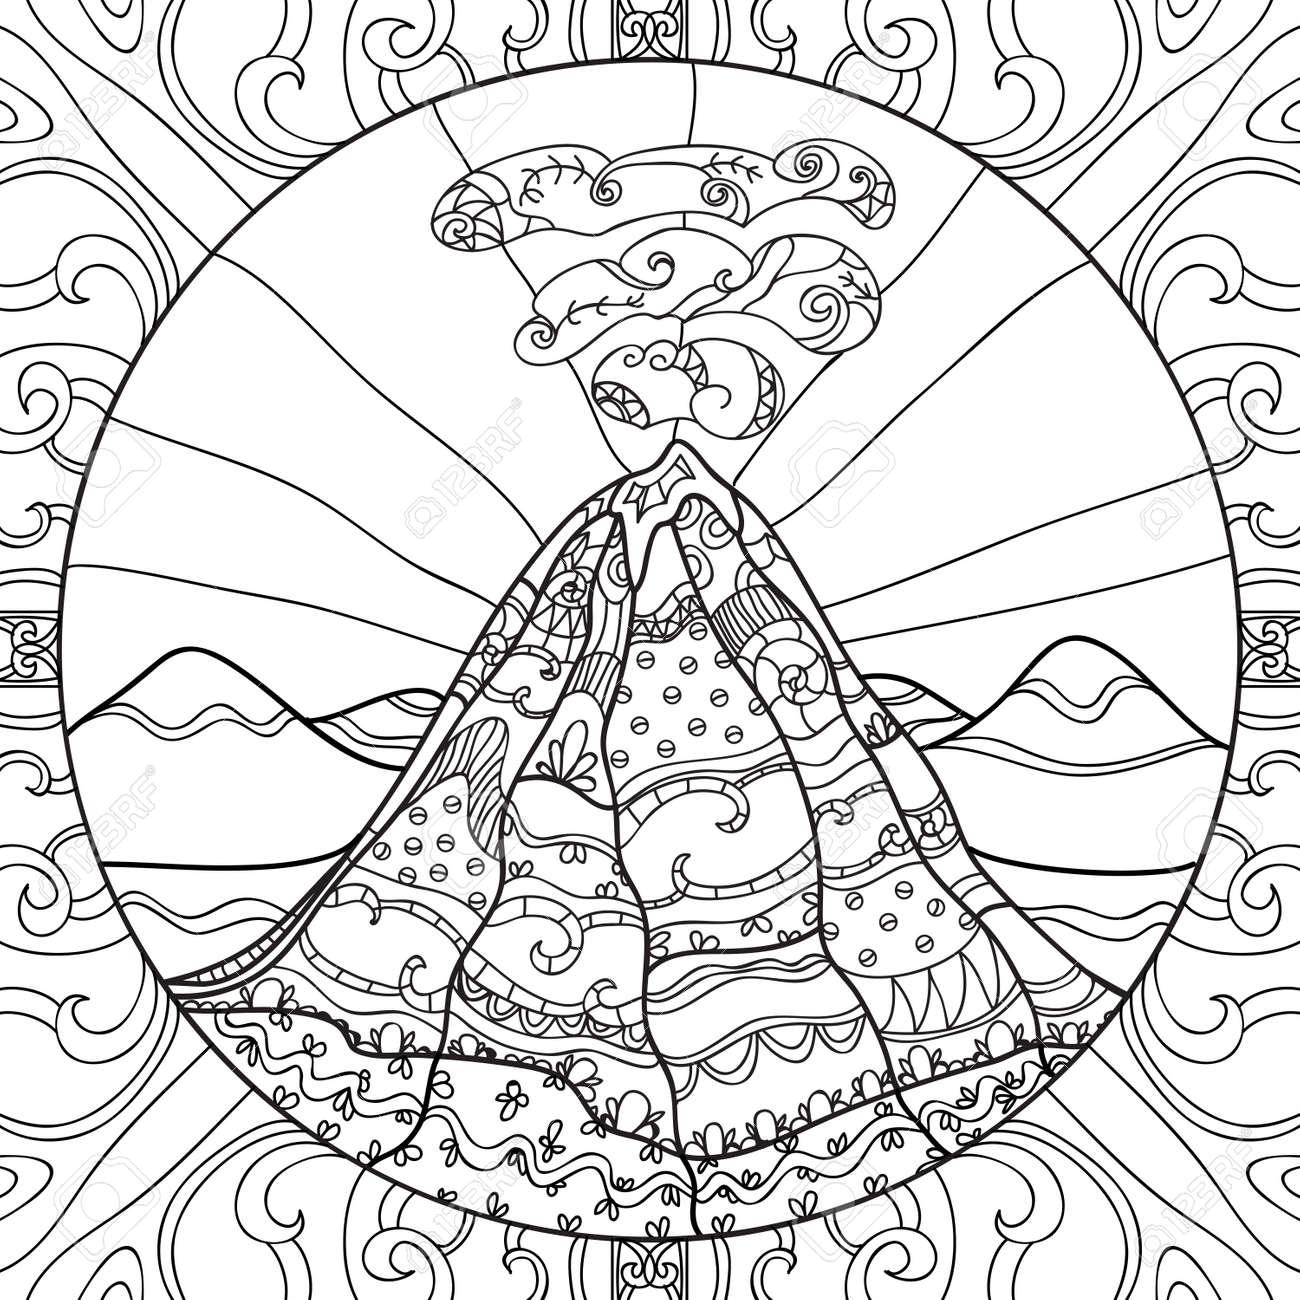 Dibujo Para Colorear Con El Volcán Y El Patrón Abstracto Dibujado A Mano Ilustración Gráfica